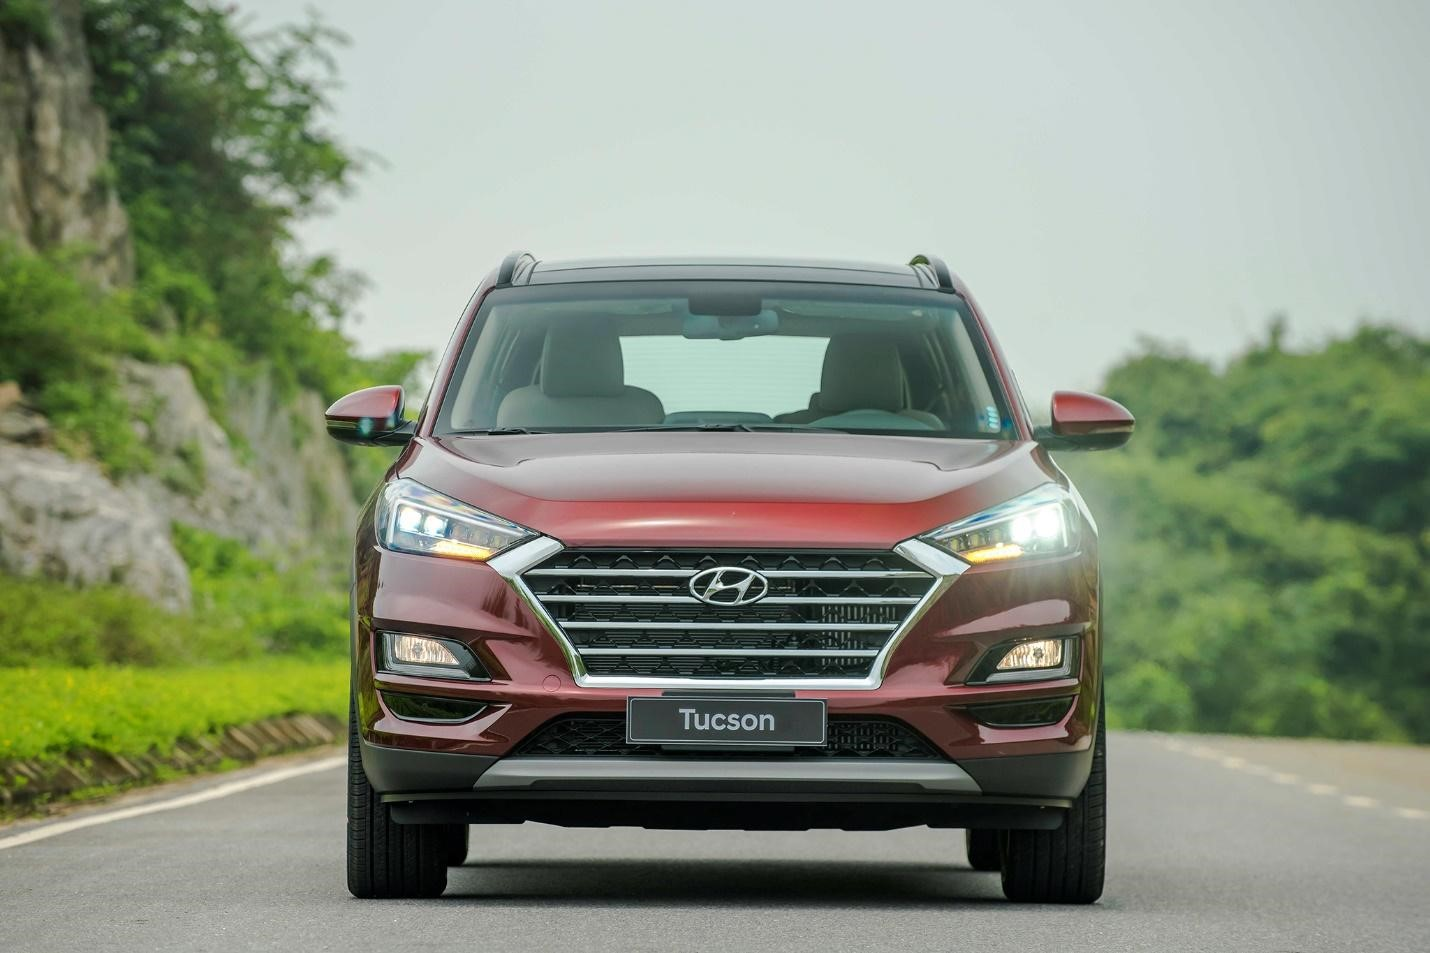 Báo giá xe Hyundai Tucson 2.0 turbo dầu mới nhất 2019